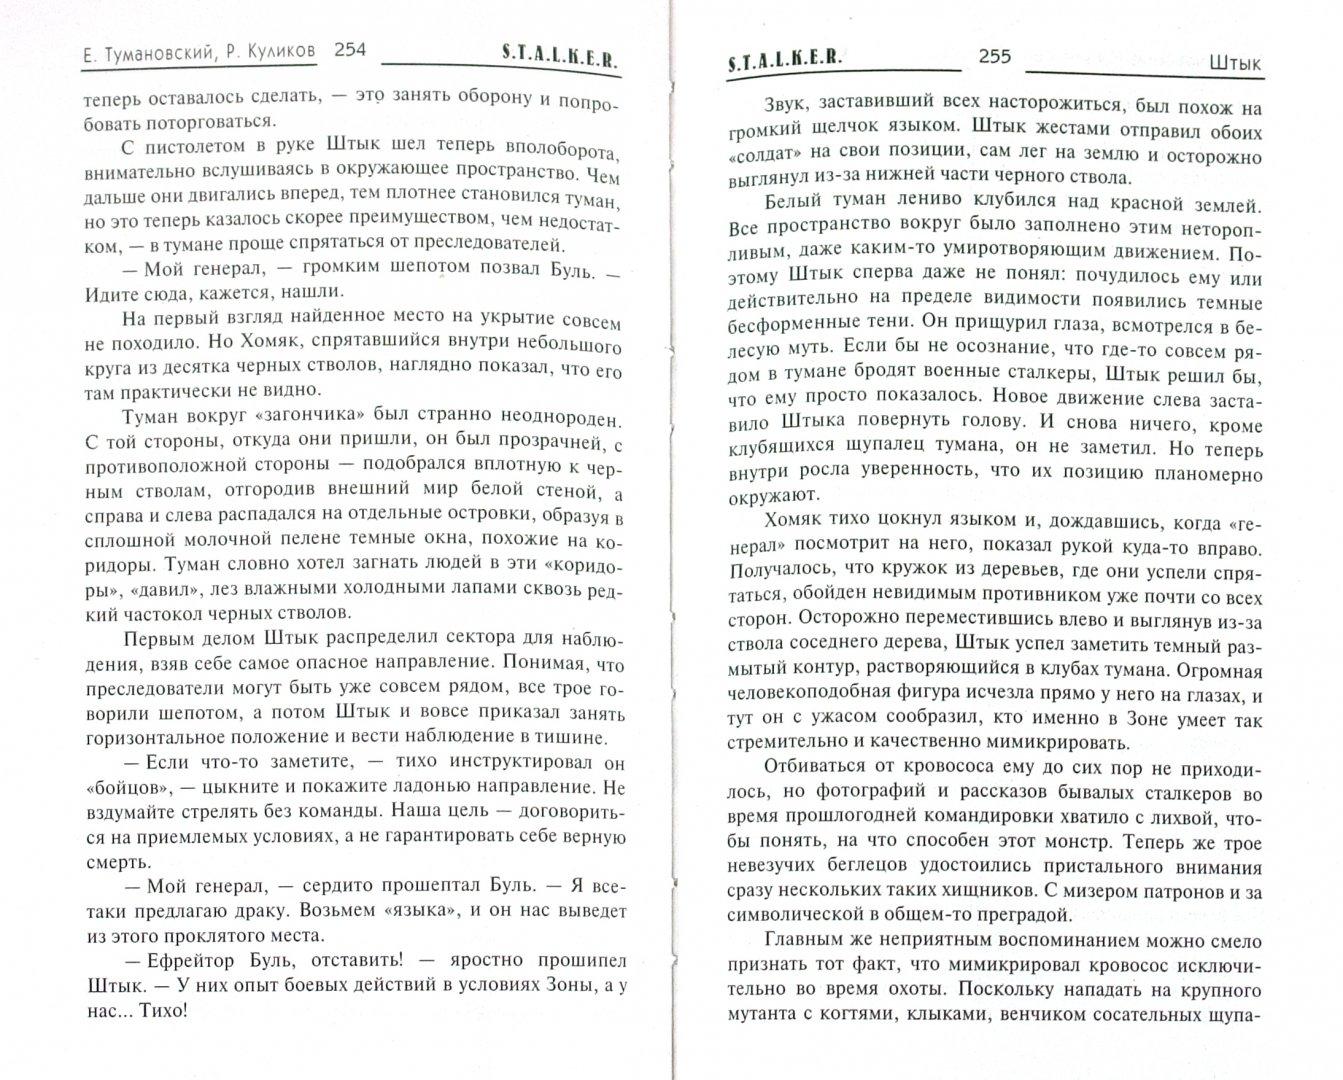 Иллюстрация 1 из 14 для Штык - Куликов, Тумановский | Лабиринт - книги. Источник: Лабиринт